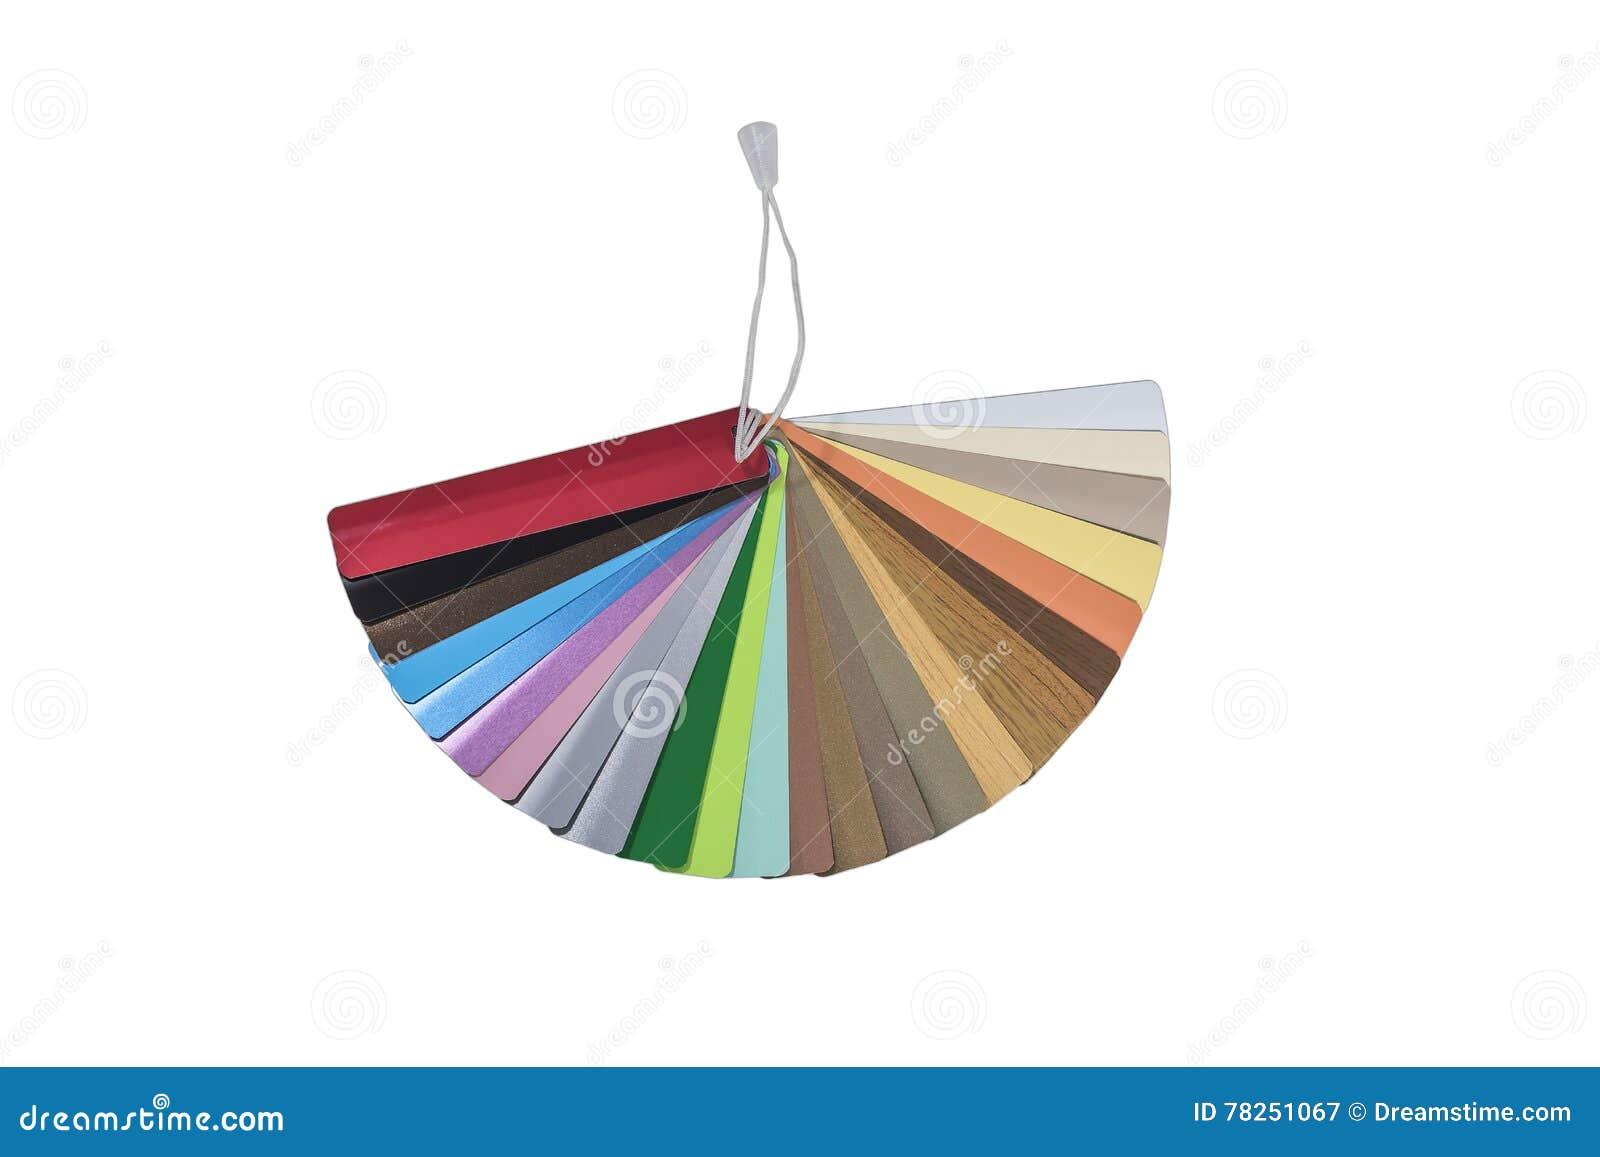 πολύχρωμο ενετικό διάγραμμα-όργανο χρώματος τυφλών για το σχεδιαστή